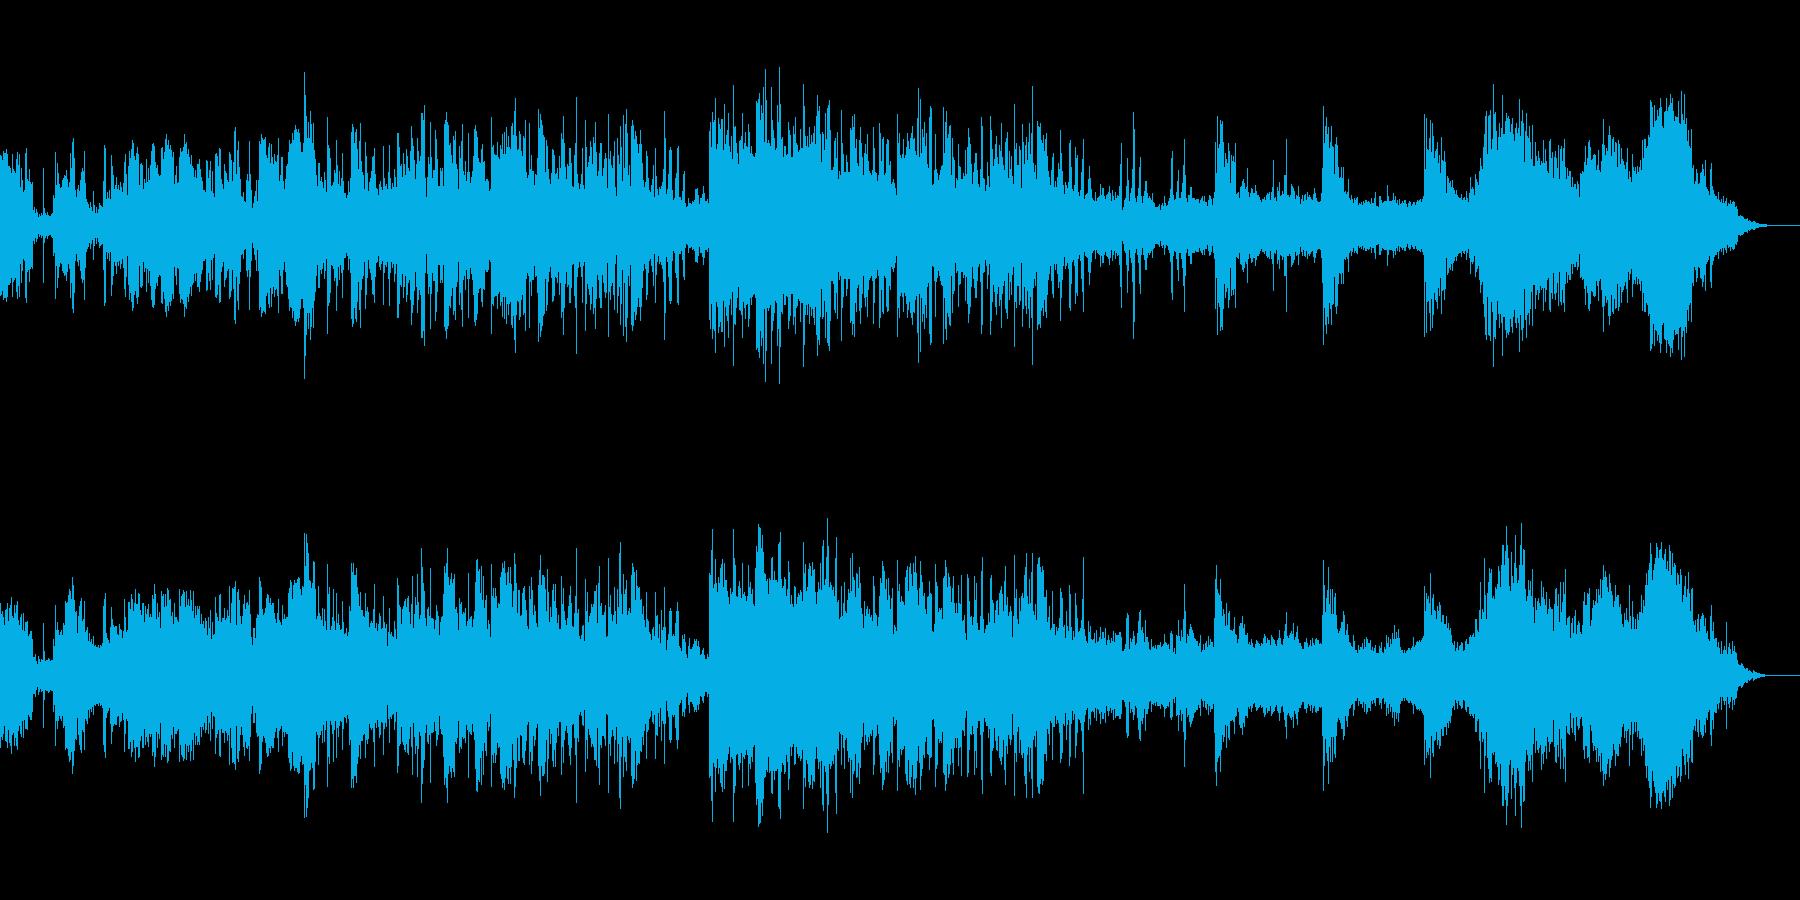 衝突音響くシネマティックトレーラーの再生済みの波形